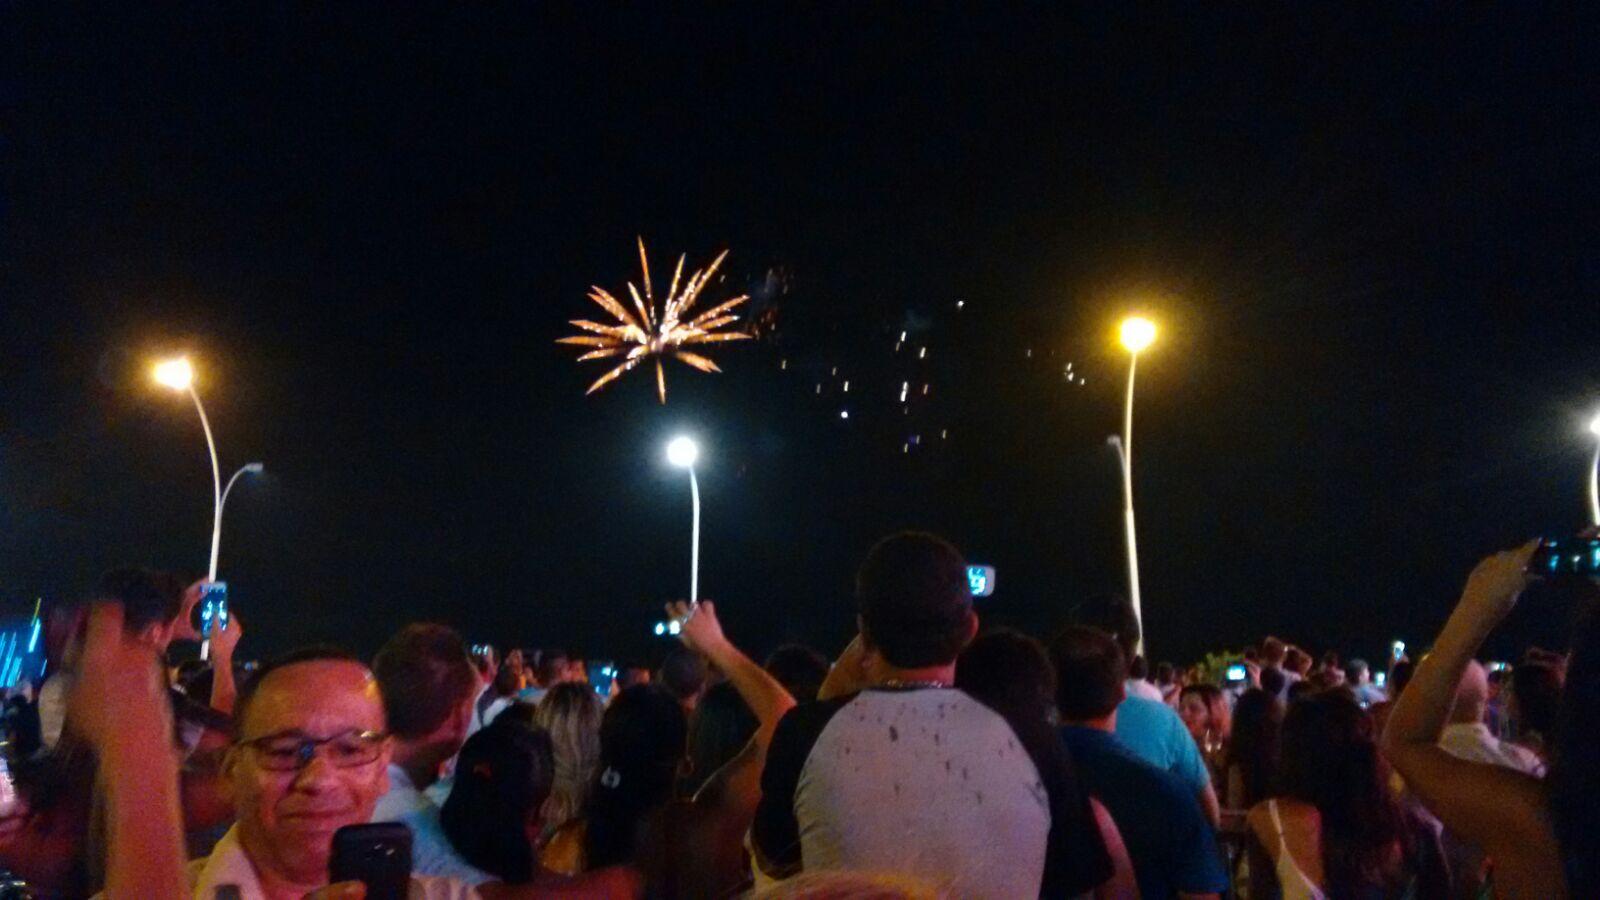 Bolsa De Festa Em Porto Alegre : Veja fotos das comemora?es de ano novo em porto alegre